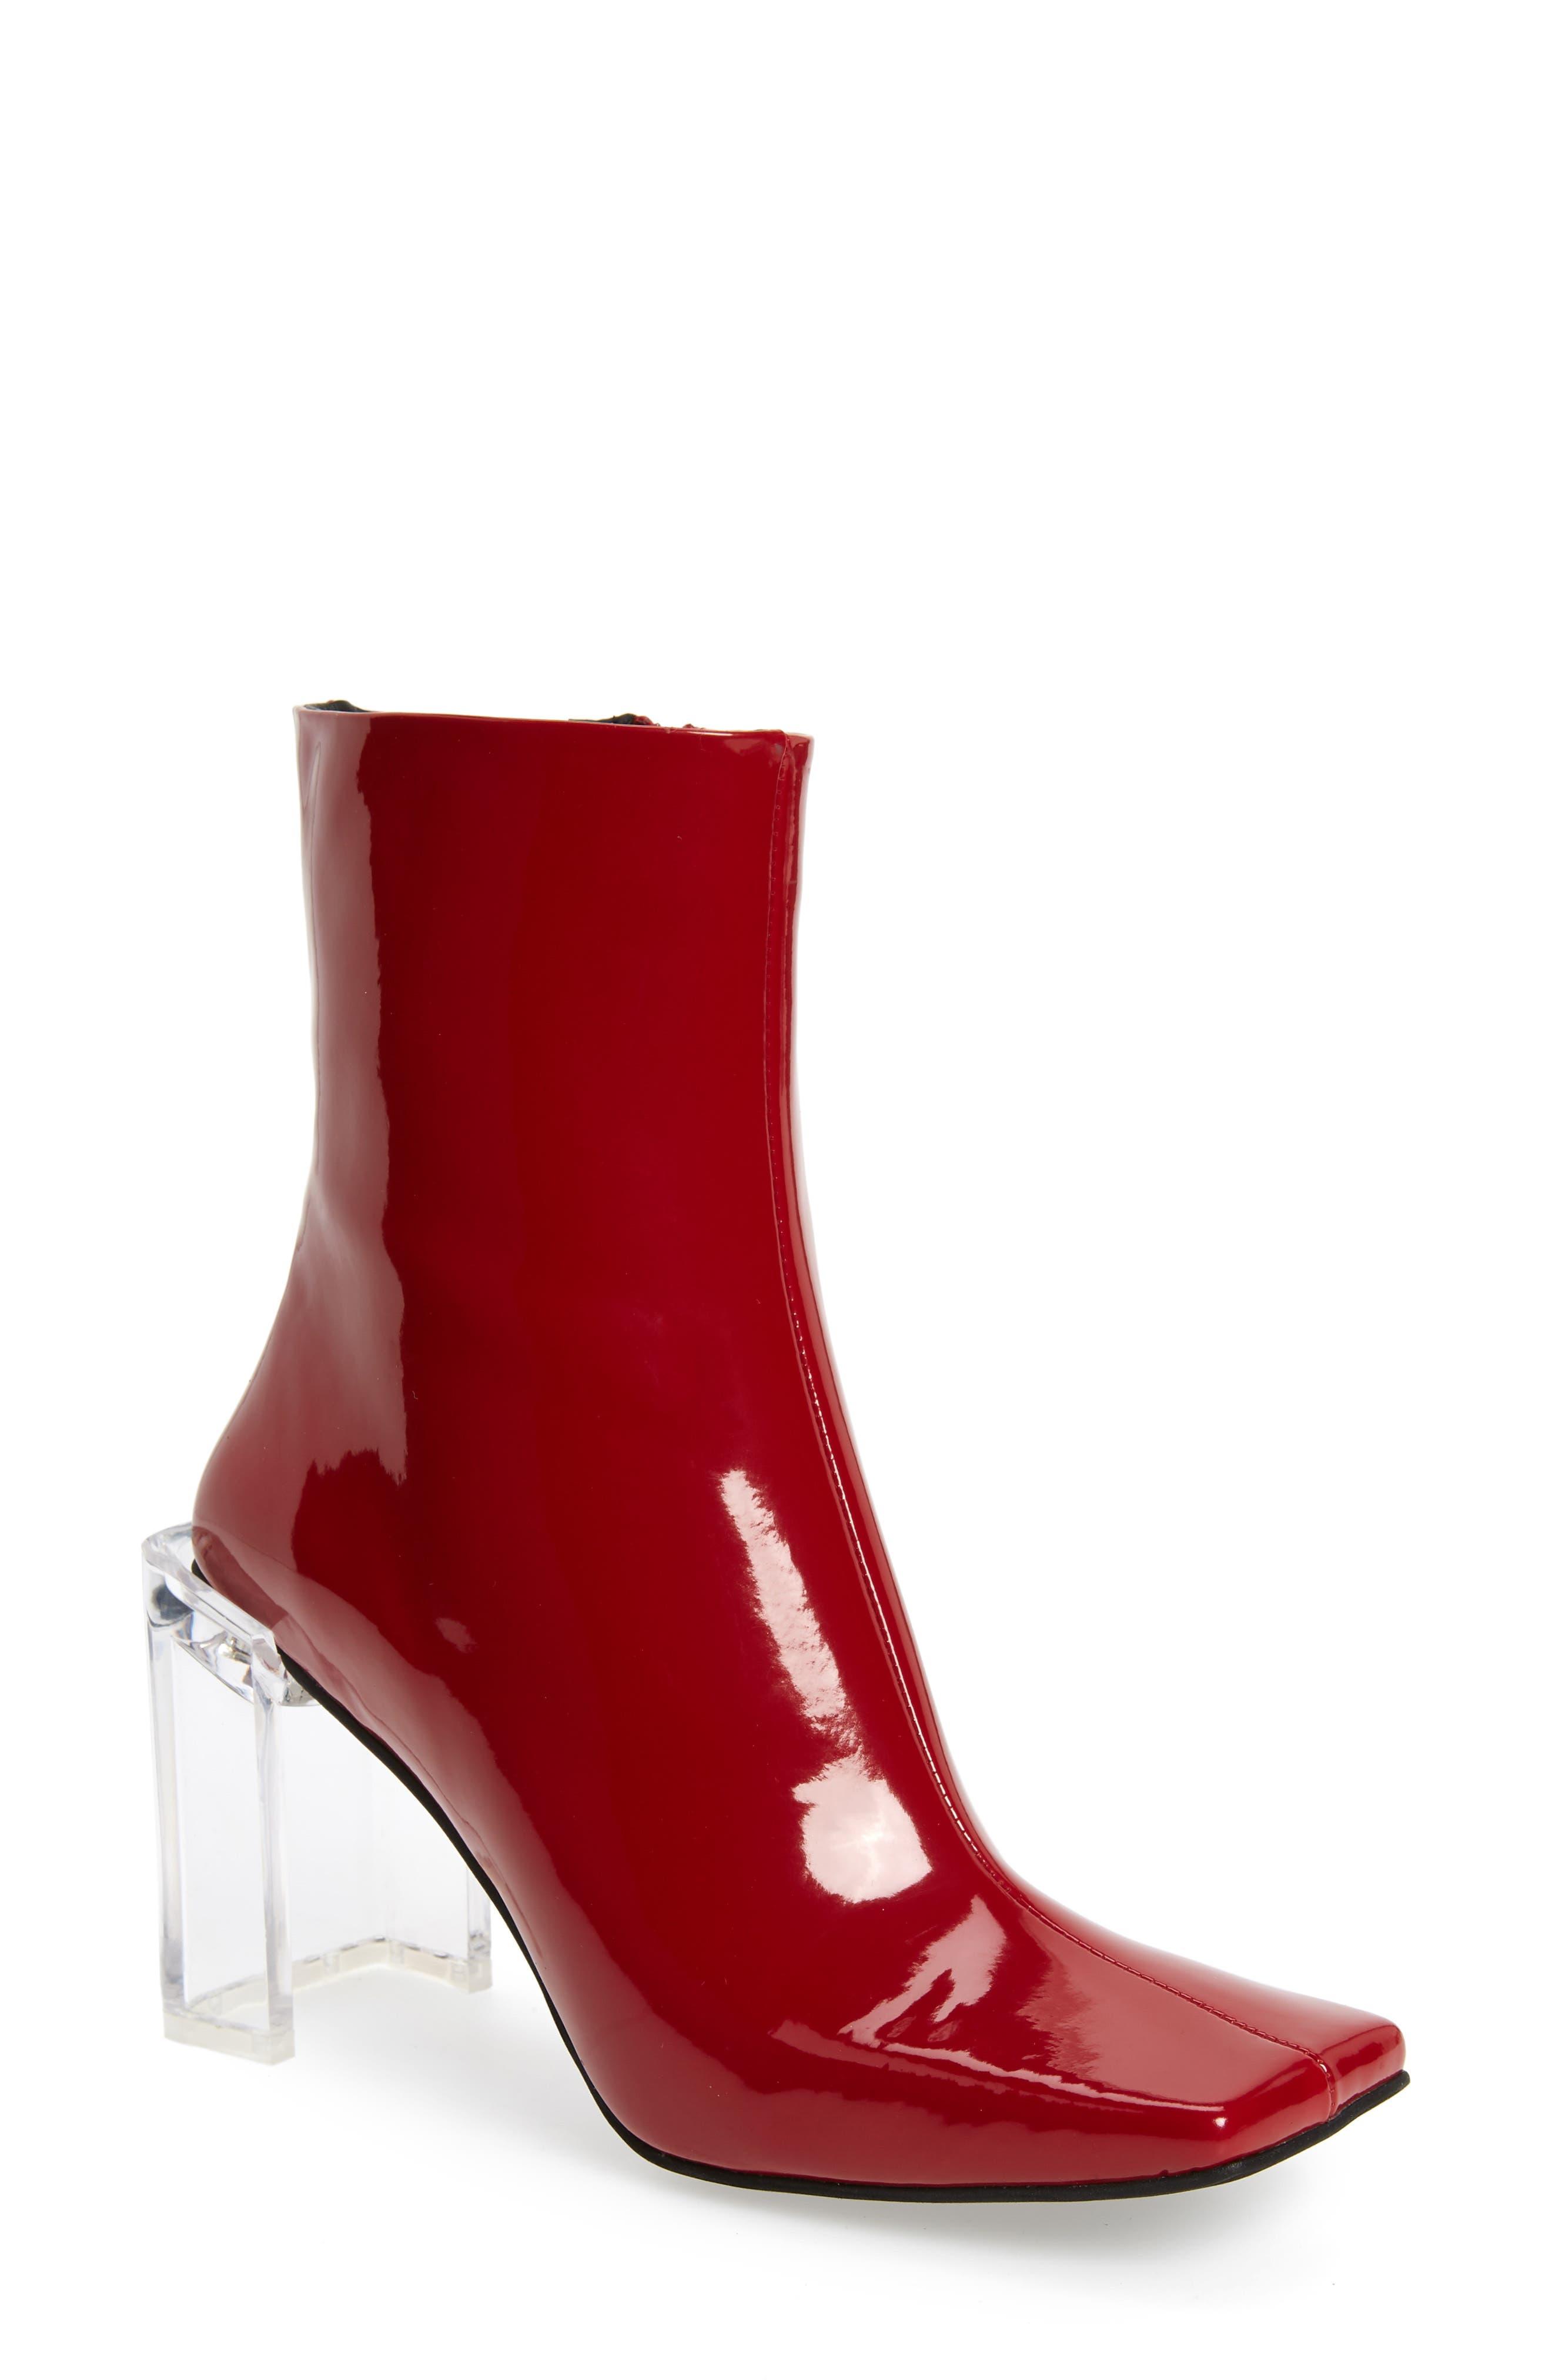 Jeffrey Campbell Women S Boots